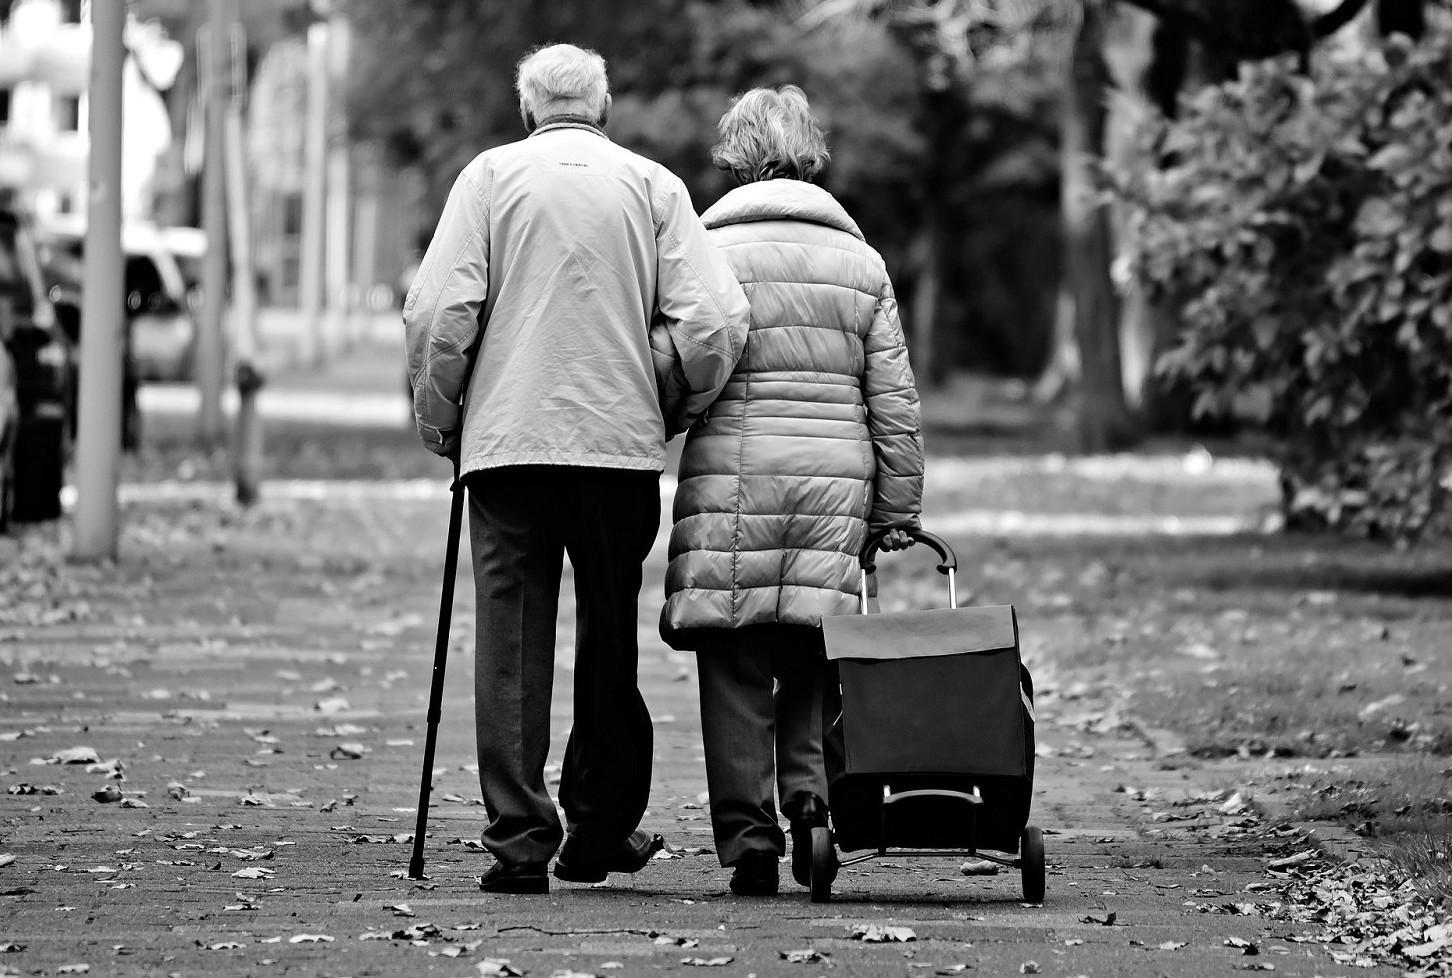 Si può sfrattare da casa anziano o famiglia con anziano. Leggi e normative se possibile o no